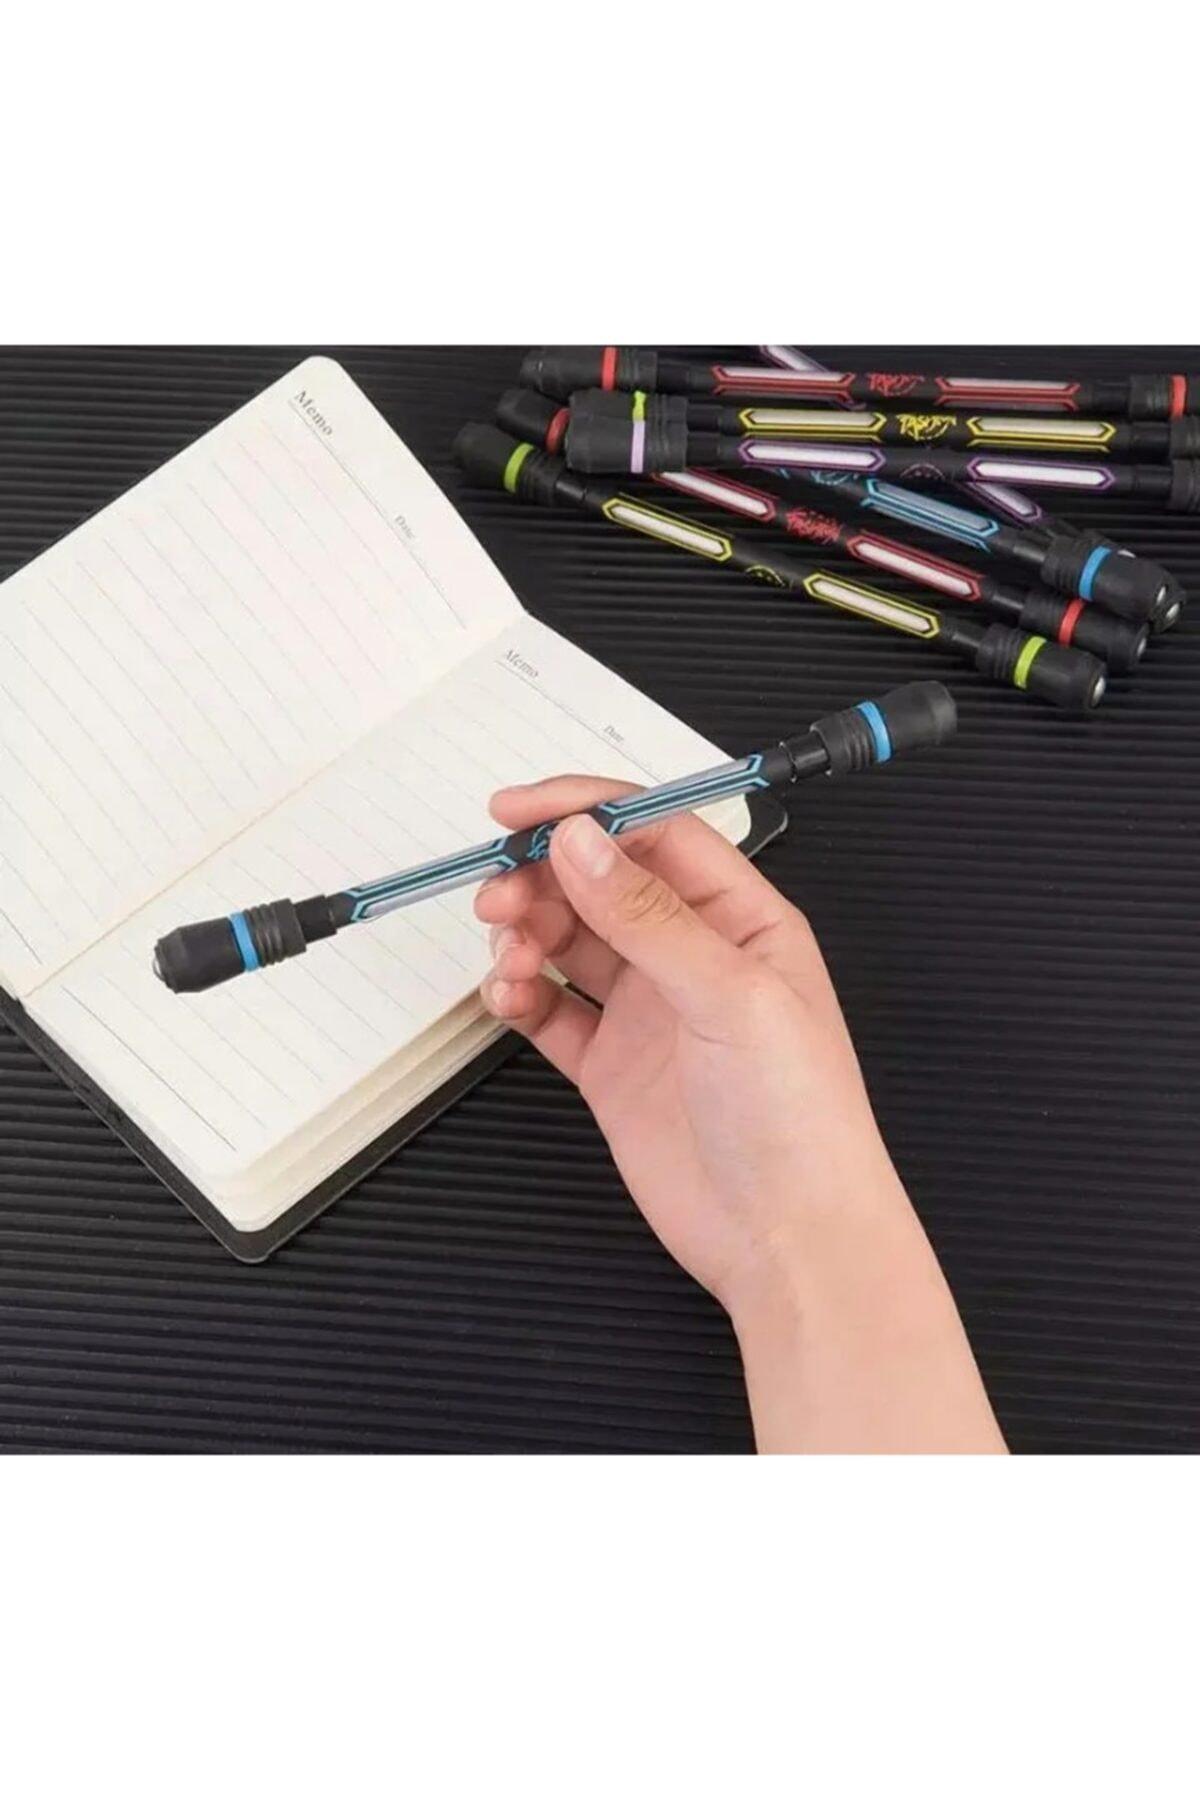 Çevirme Kalemi / Spinning Pen